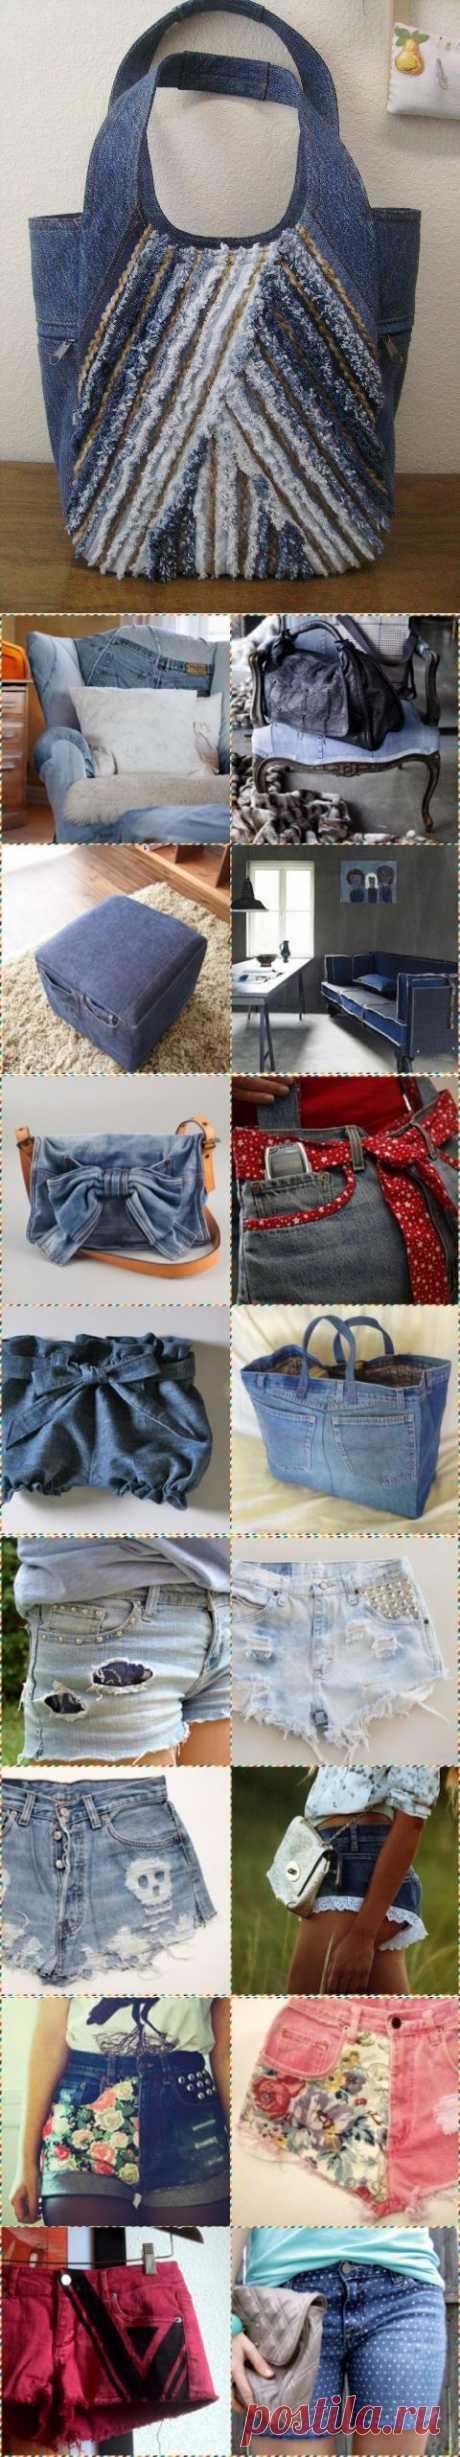 60 идей для переделки старой джинсовой одежды / Я - суперпупер